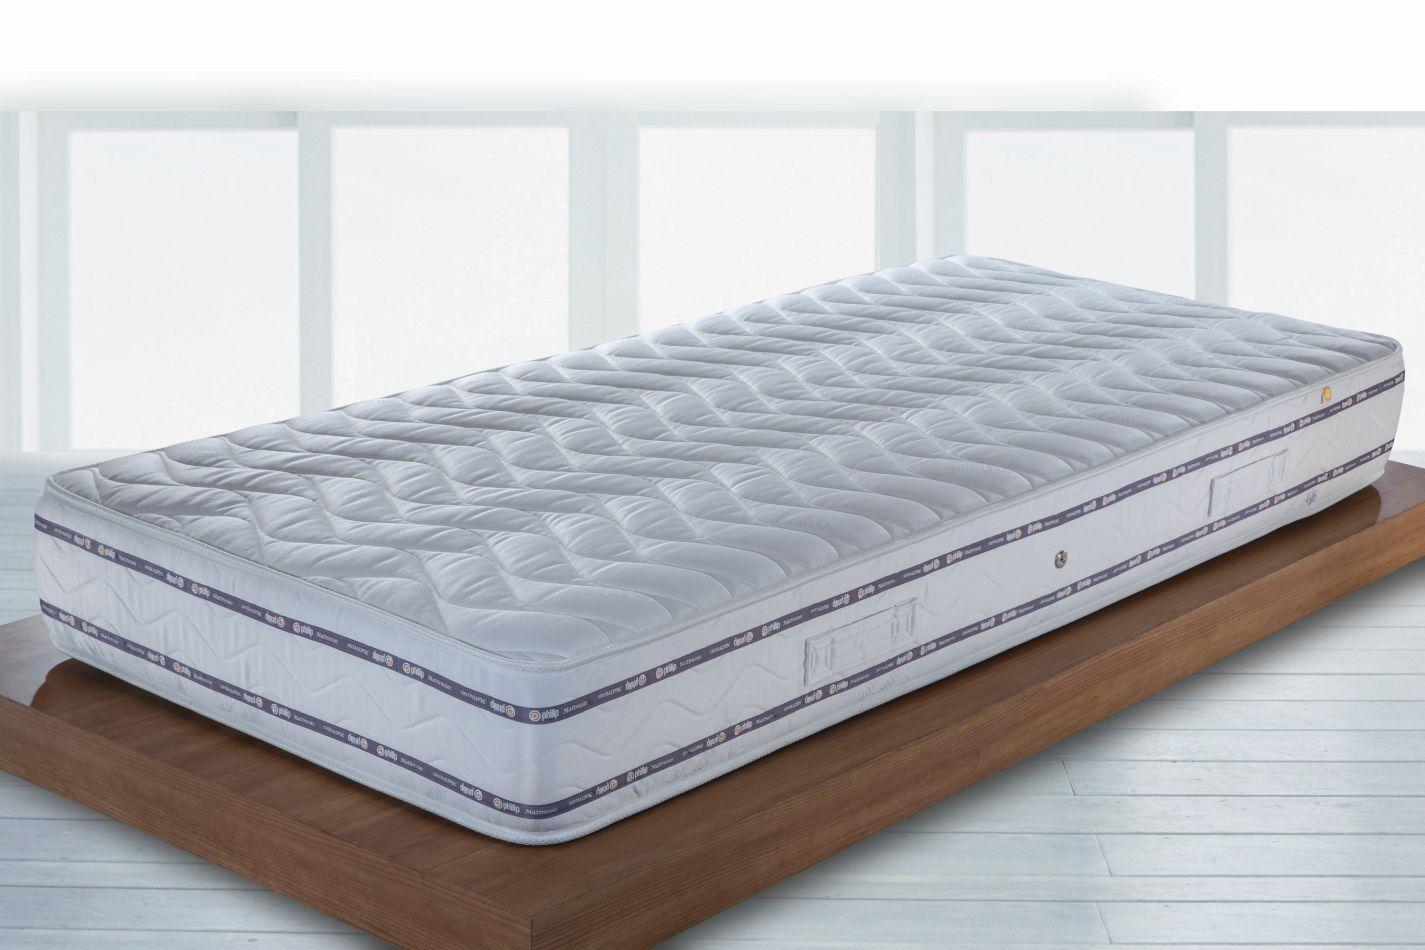 Matratze Elegance Relax mit Bonell Federkern - Abmessungen: 80 x 200 cm